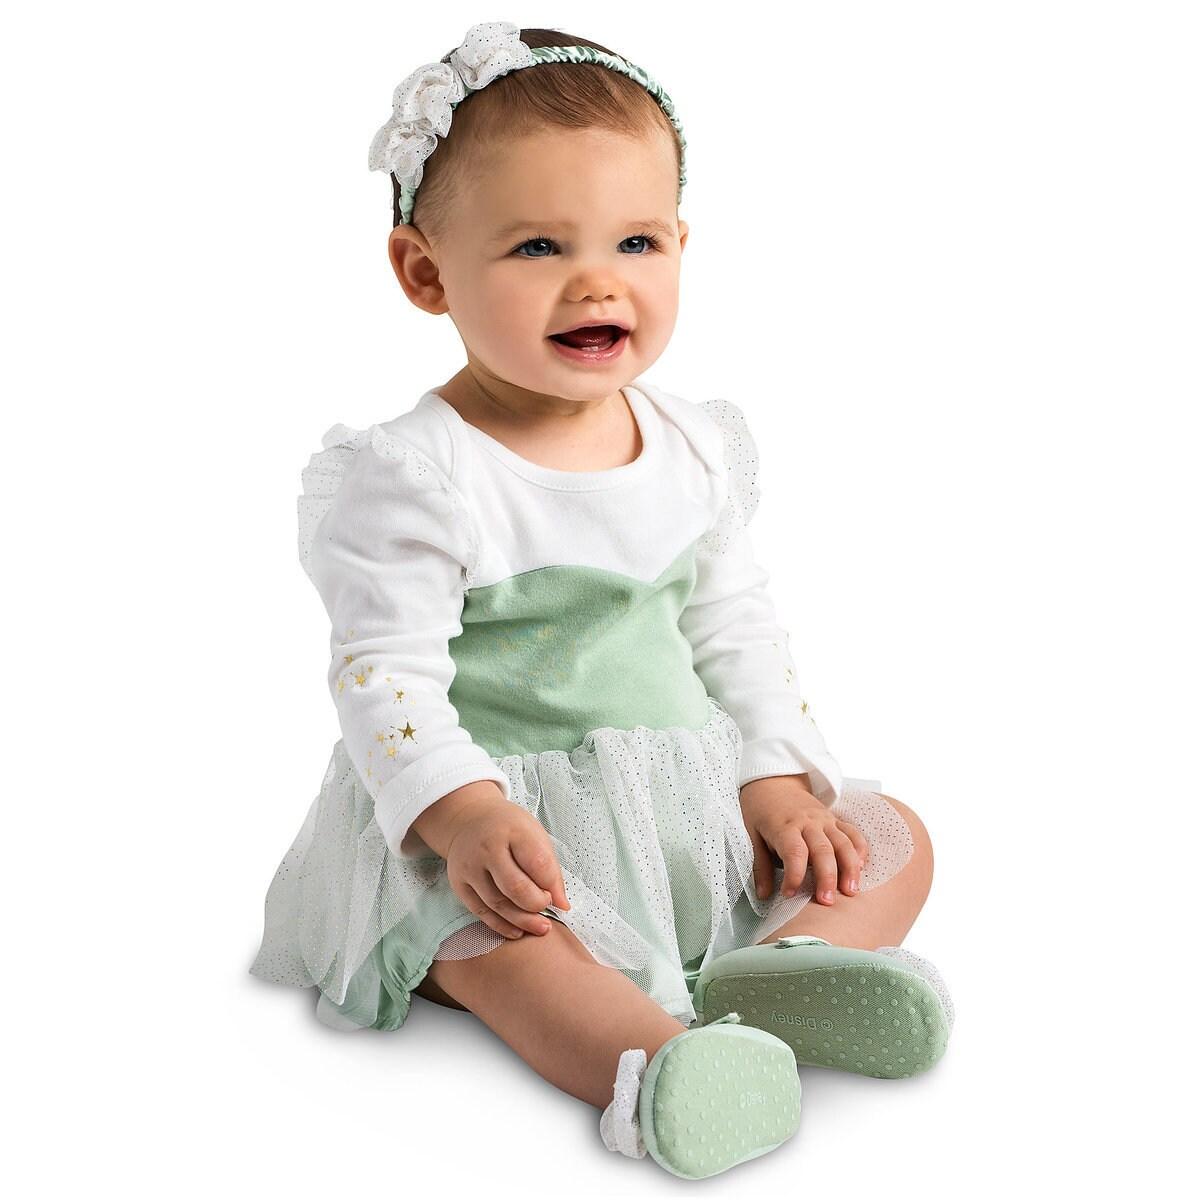 Tinker Bell Costume Bodysuit for Baby   Personalizable. Tinker Bell Costume Bodysuit for Baby   Personalizable   shopDisney